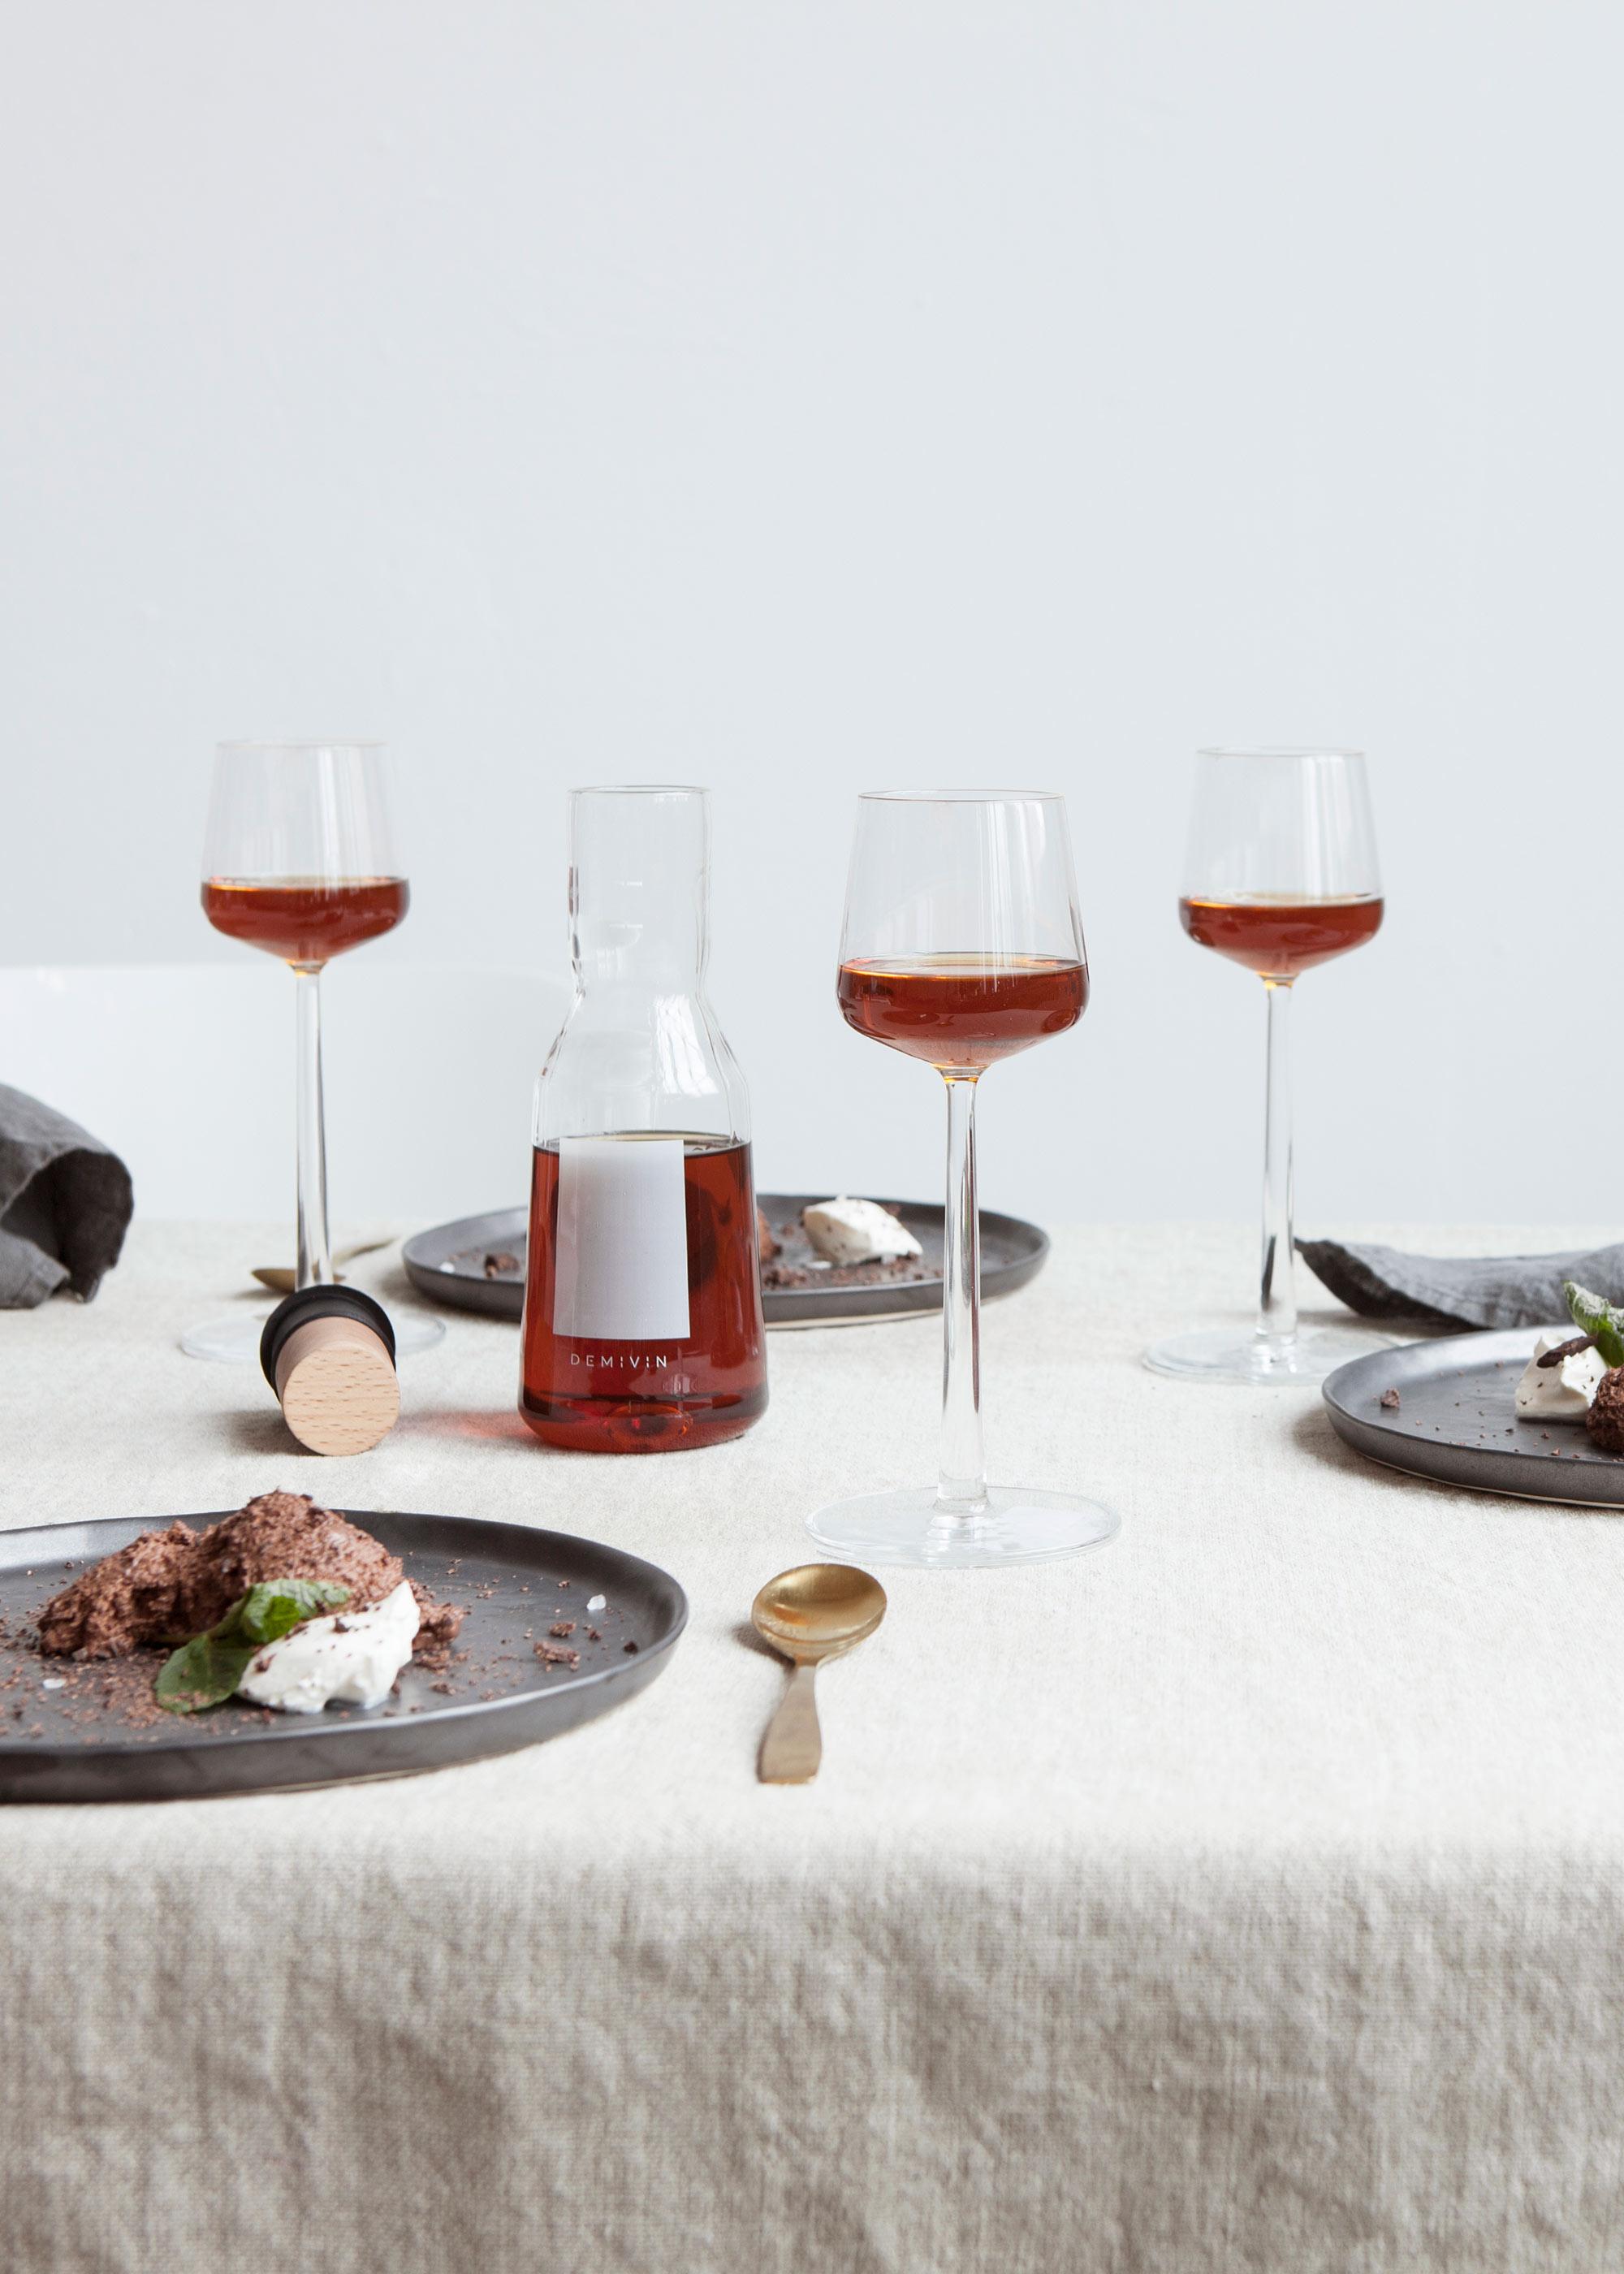 geopenderosé wijn bewaren in de Demivin